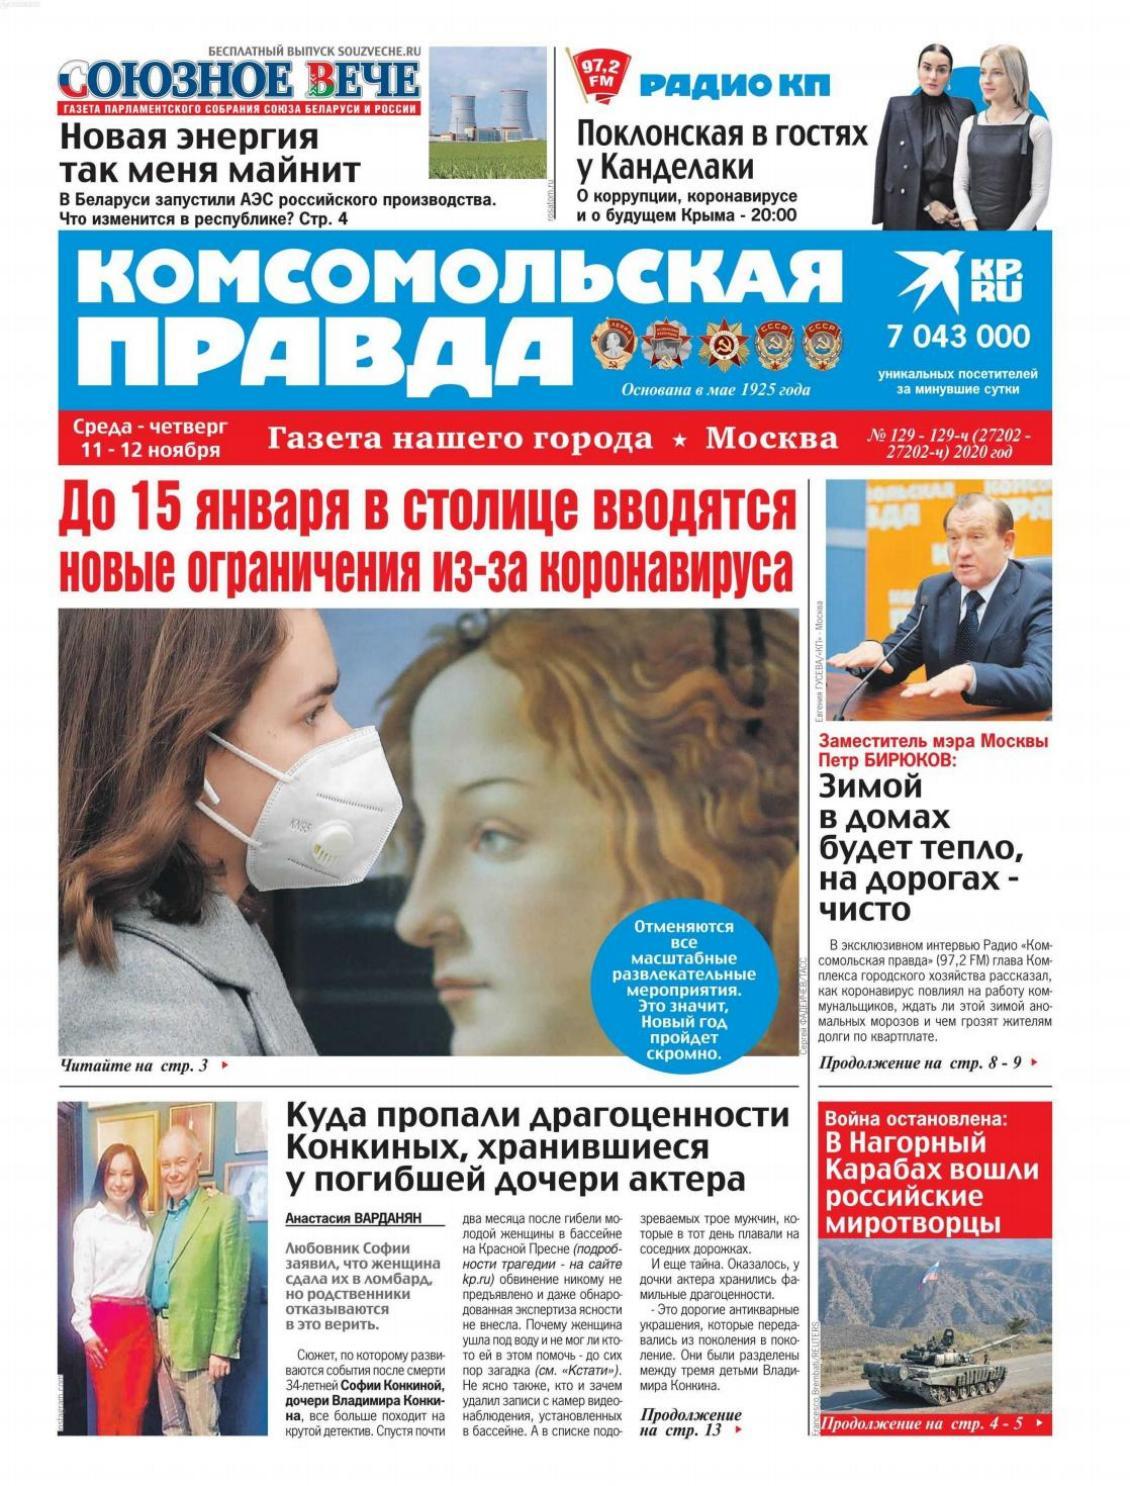 Комсомольская правда №129, ноябрь 2020